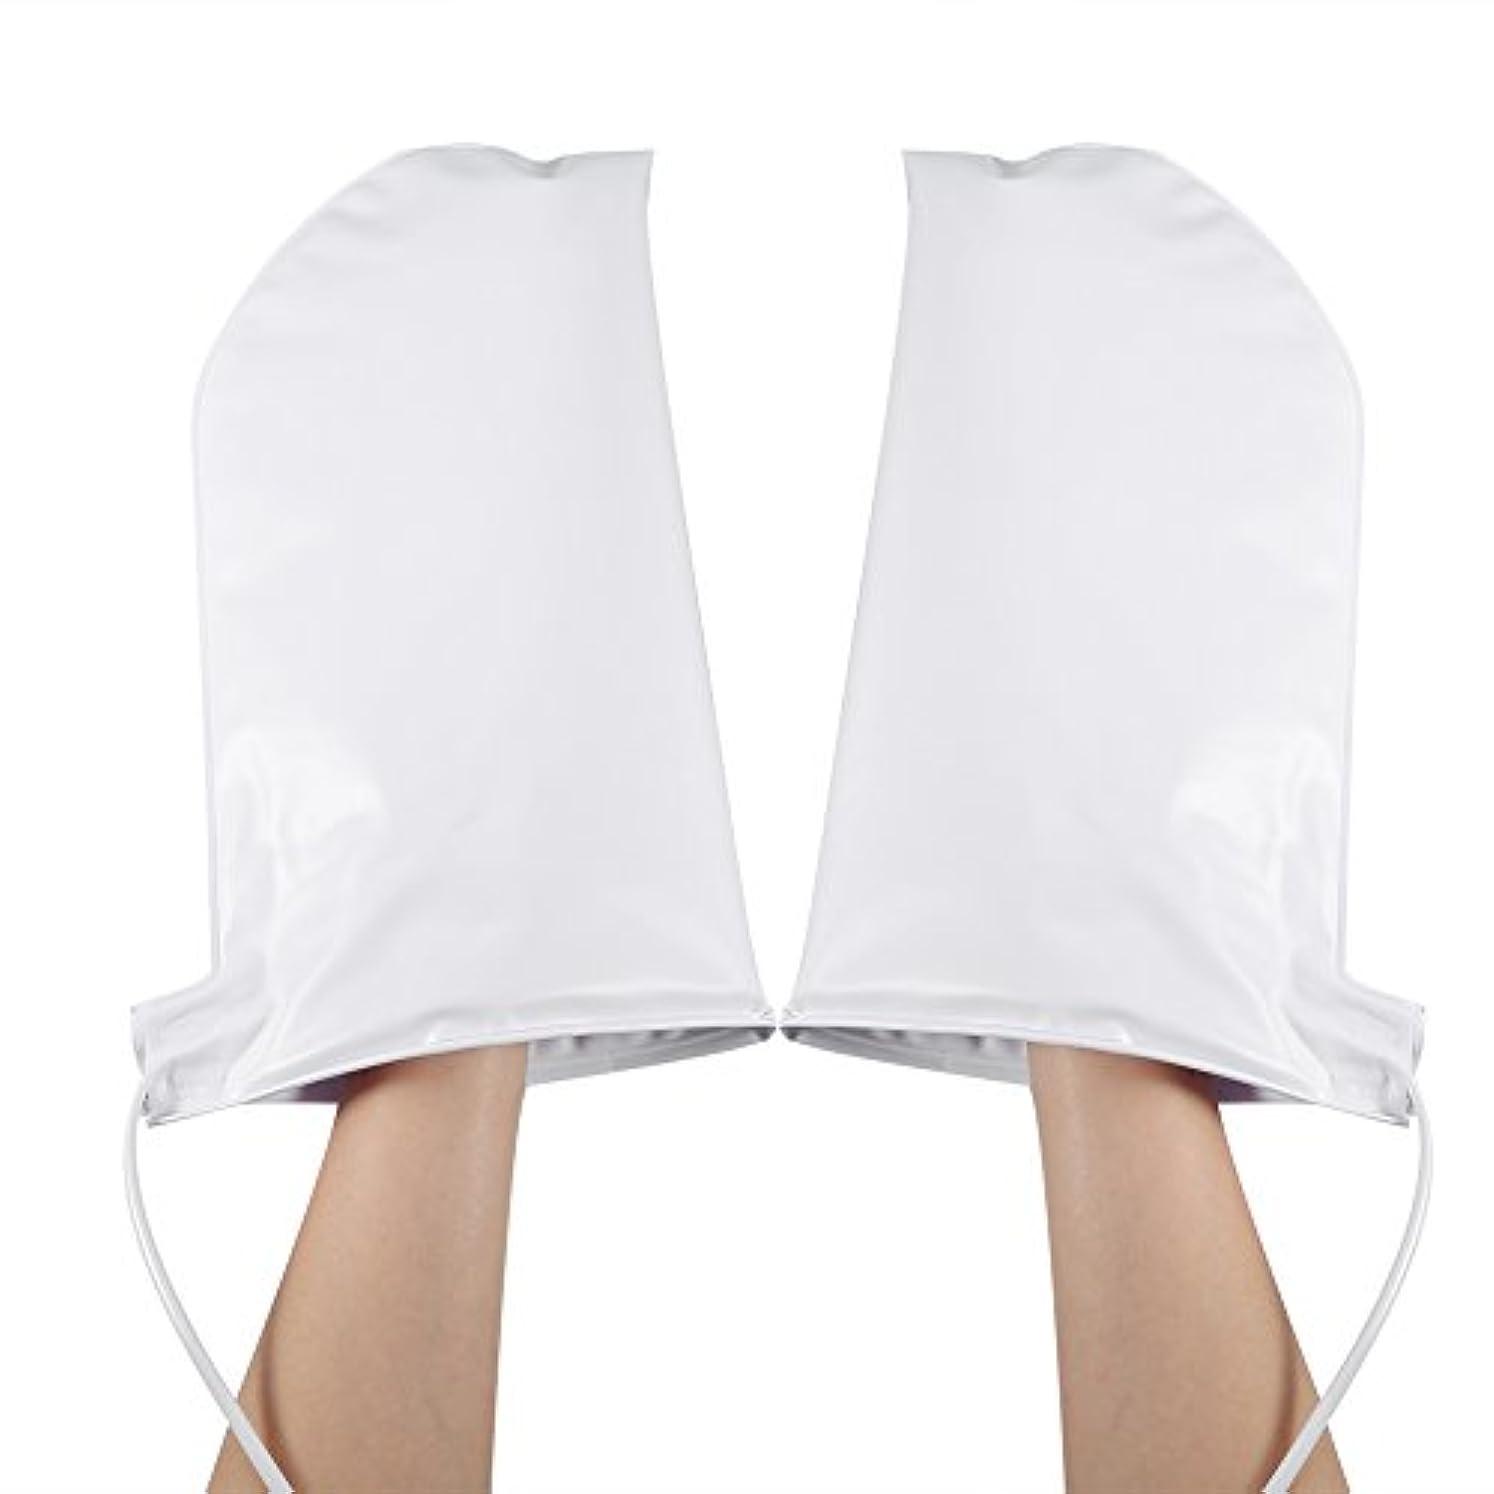 子音休暇出身地手袋 ヒートグローブ 加熱式 電熱 手ケア ハンドケア 2つ加熱モード 乾燥対策 手荒れ対策 補水 保湿 美白 しっとり